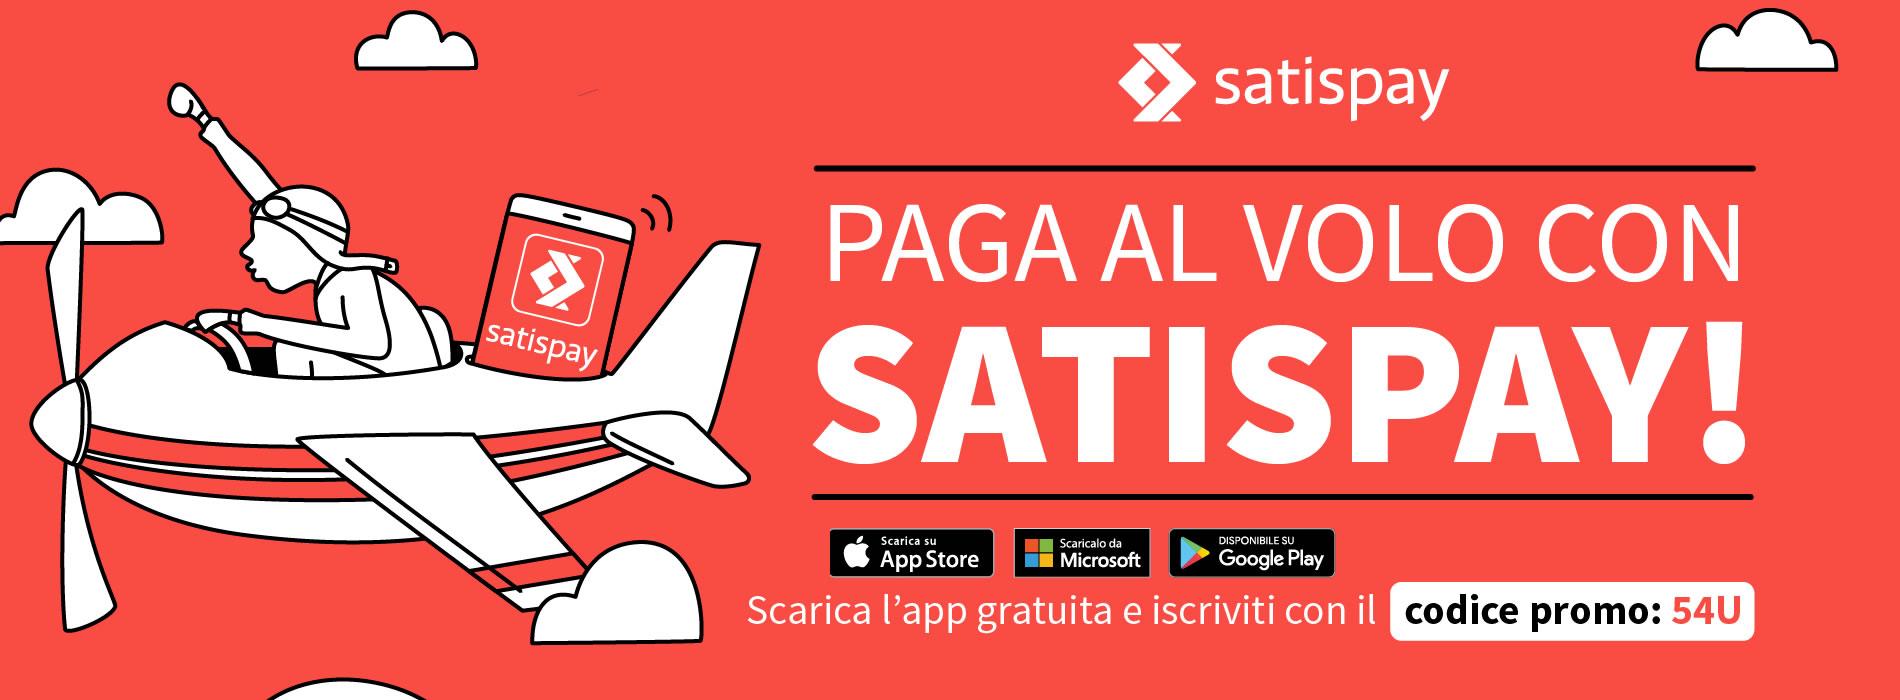 satispay-slide